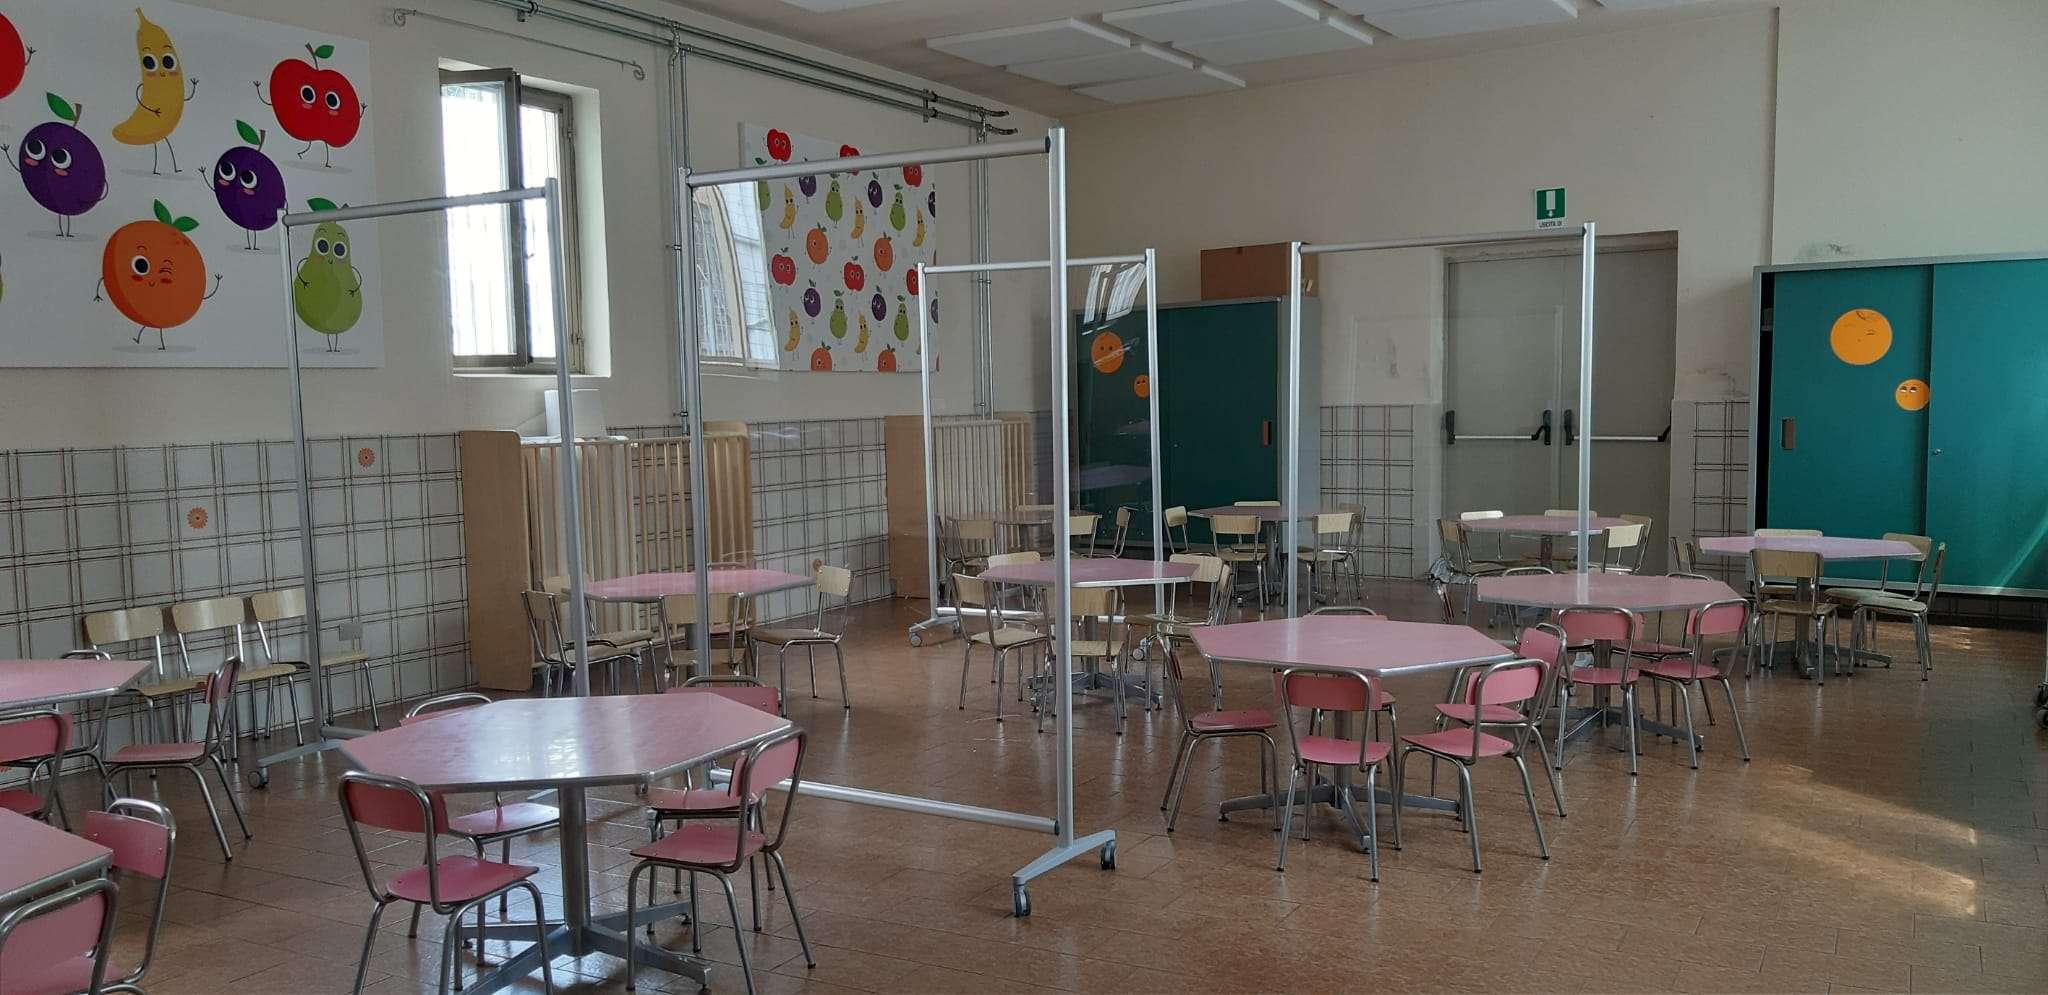 primo giorno scuola 20202 - Scuola Materna Peschiera Borromeo